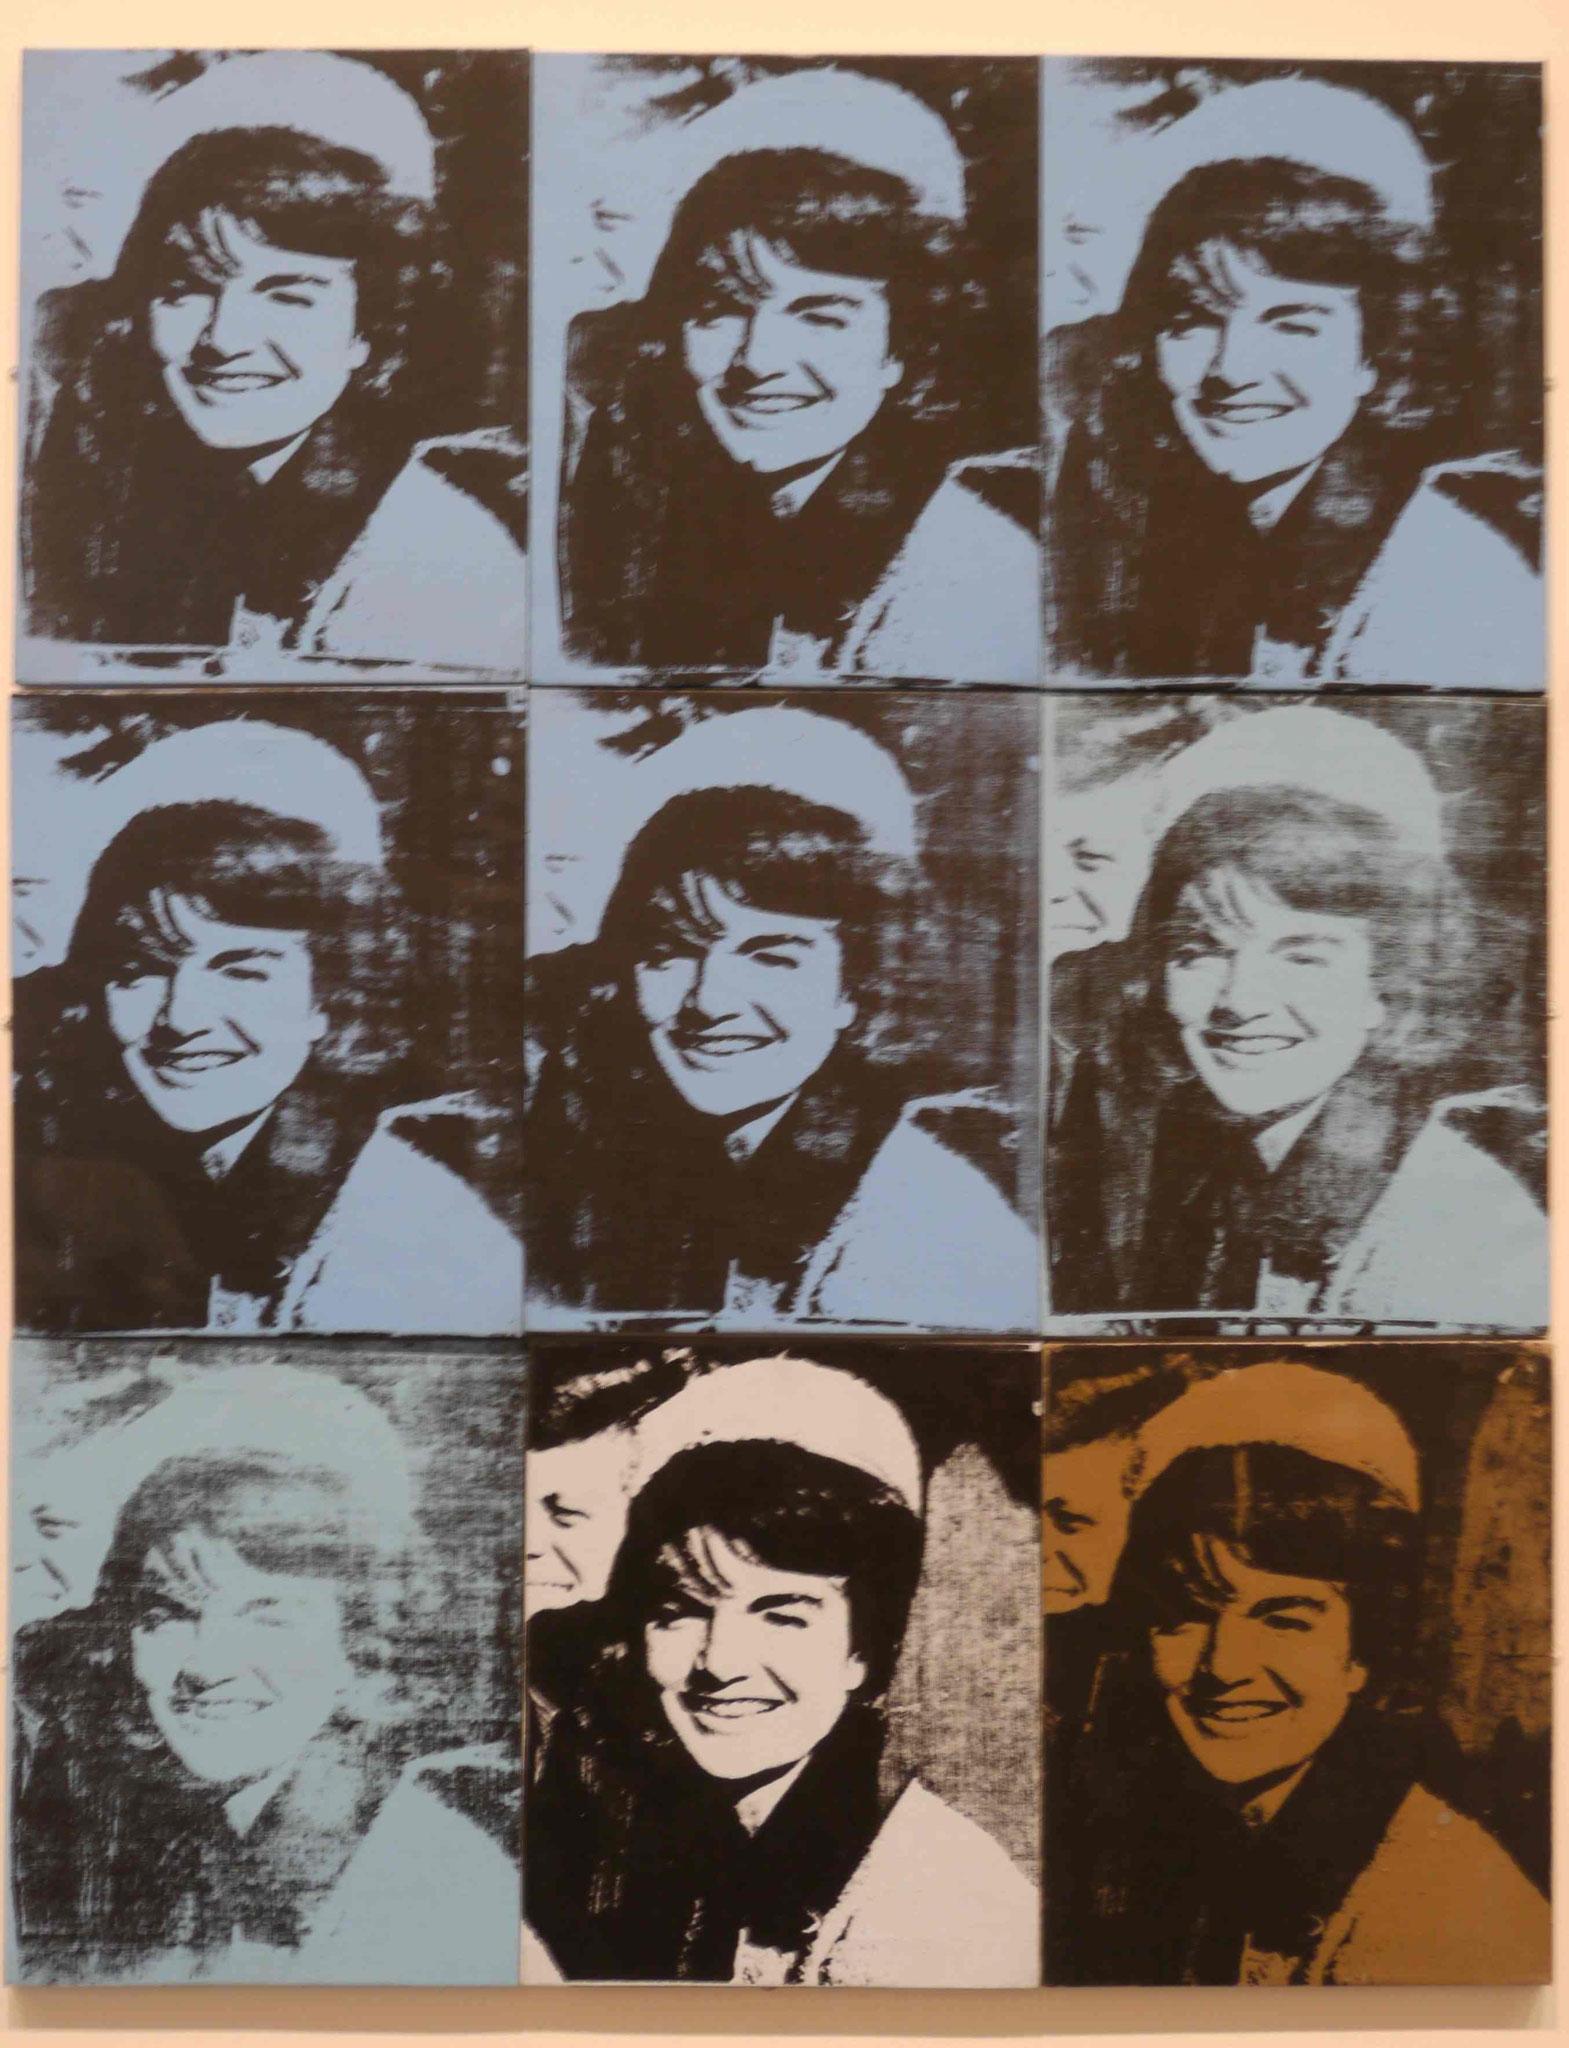 Andy Warhol, Moma, New York